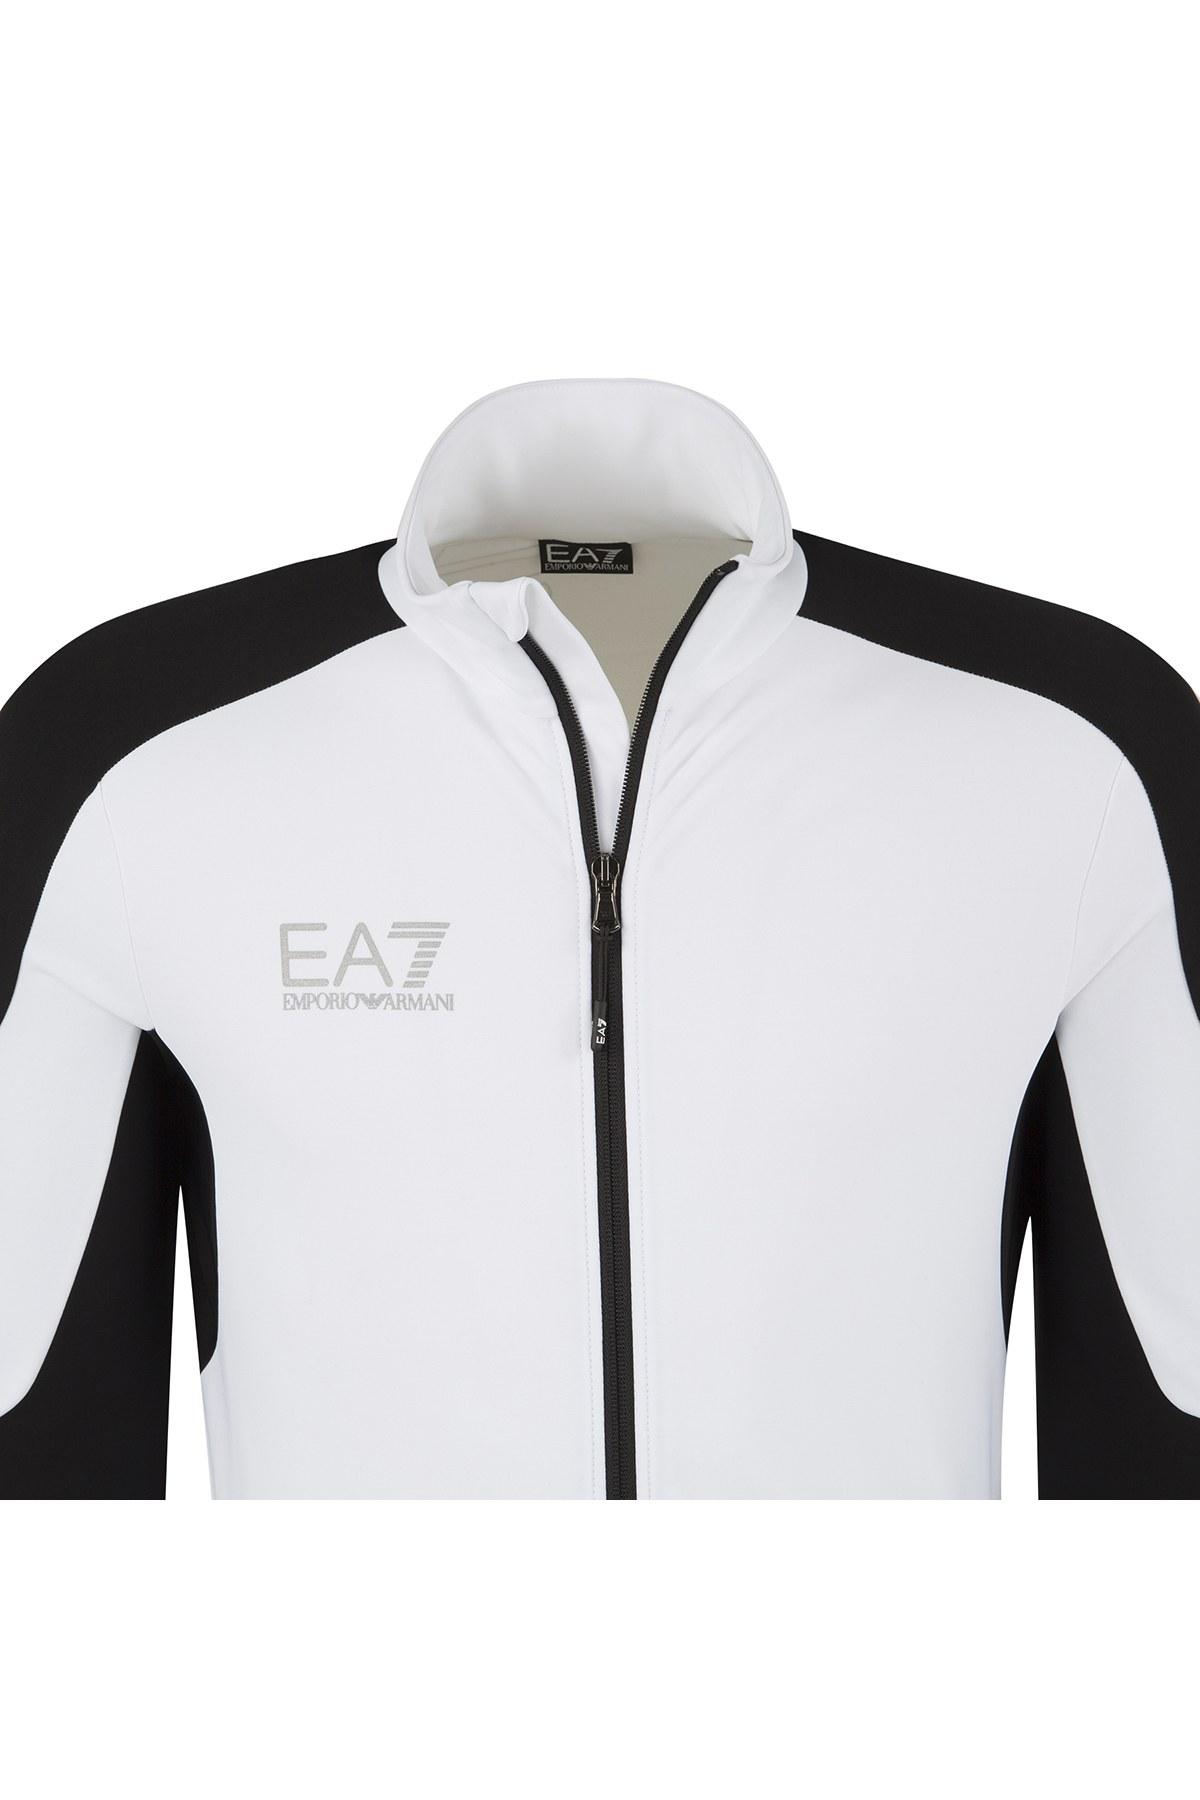 EA7 Erkek Sweat 6YPMC3 PJ35Z 1100 BEYAZ